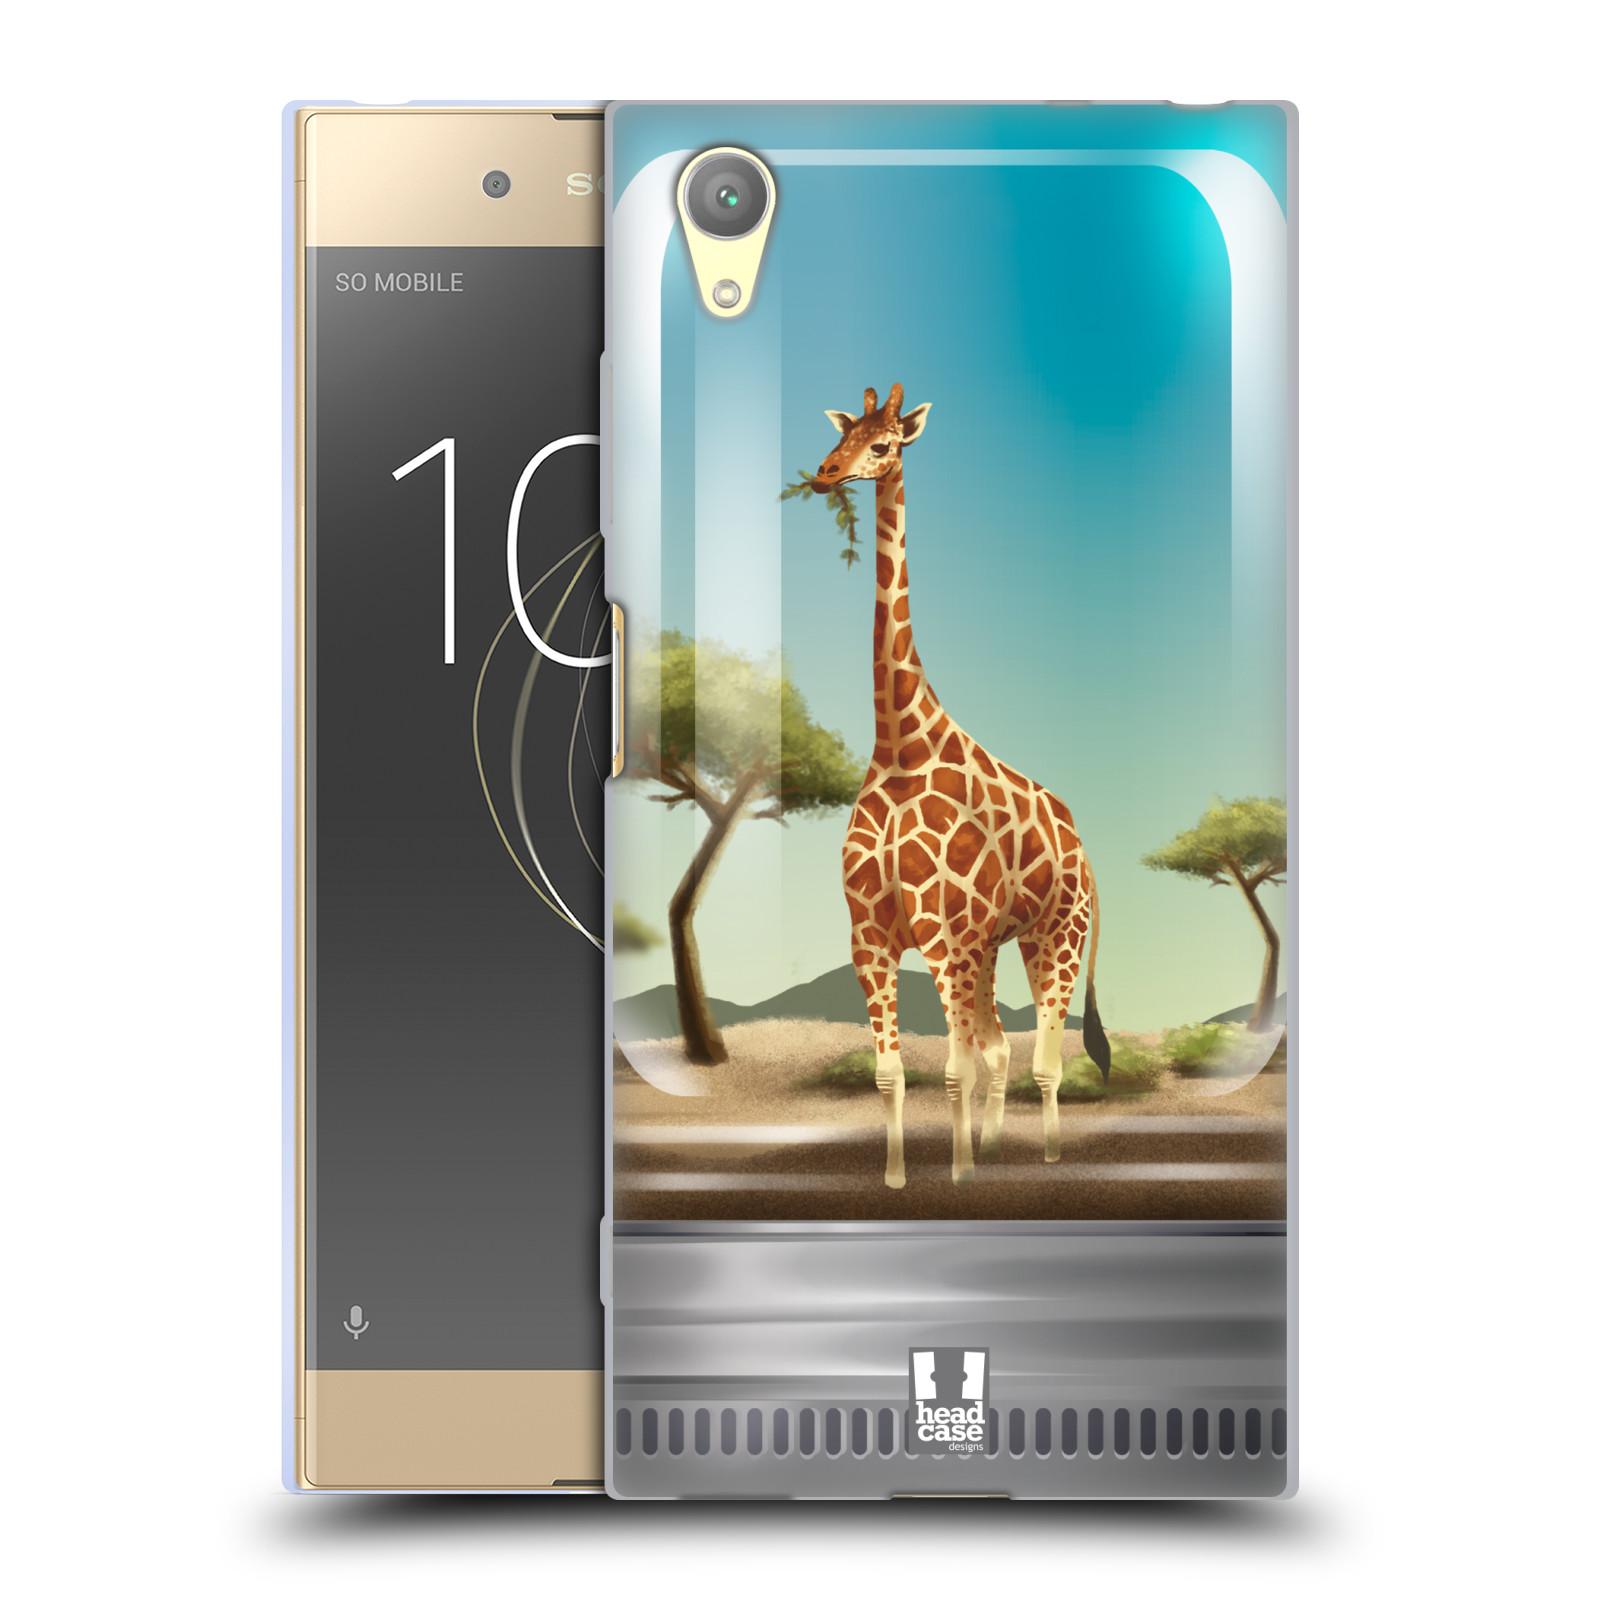 HEAD CASE silikonový obal na mobil Sony Xperia XA1 PLUS vzor Zvířátka v těžítku žirafa